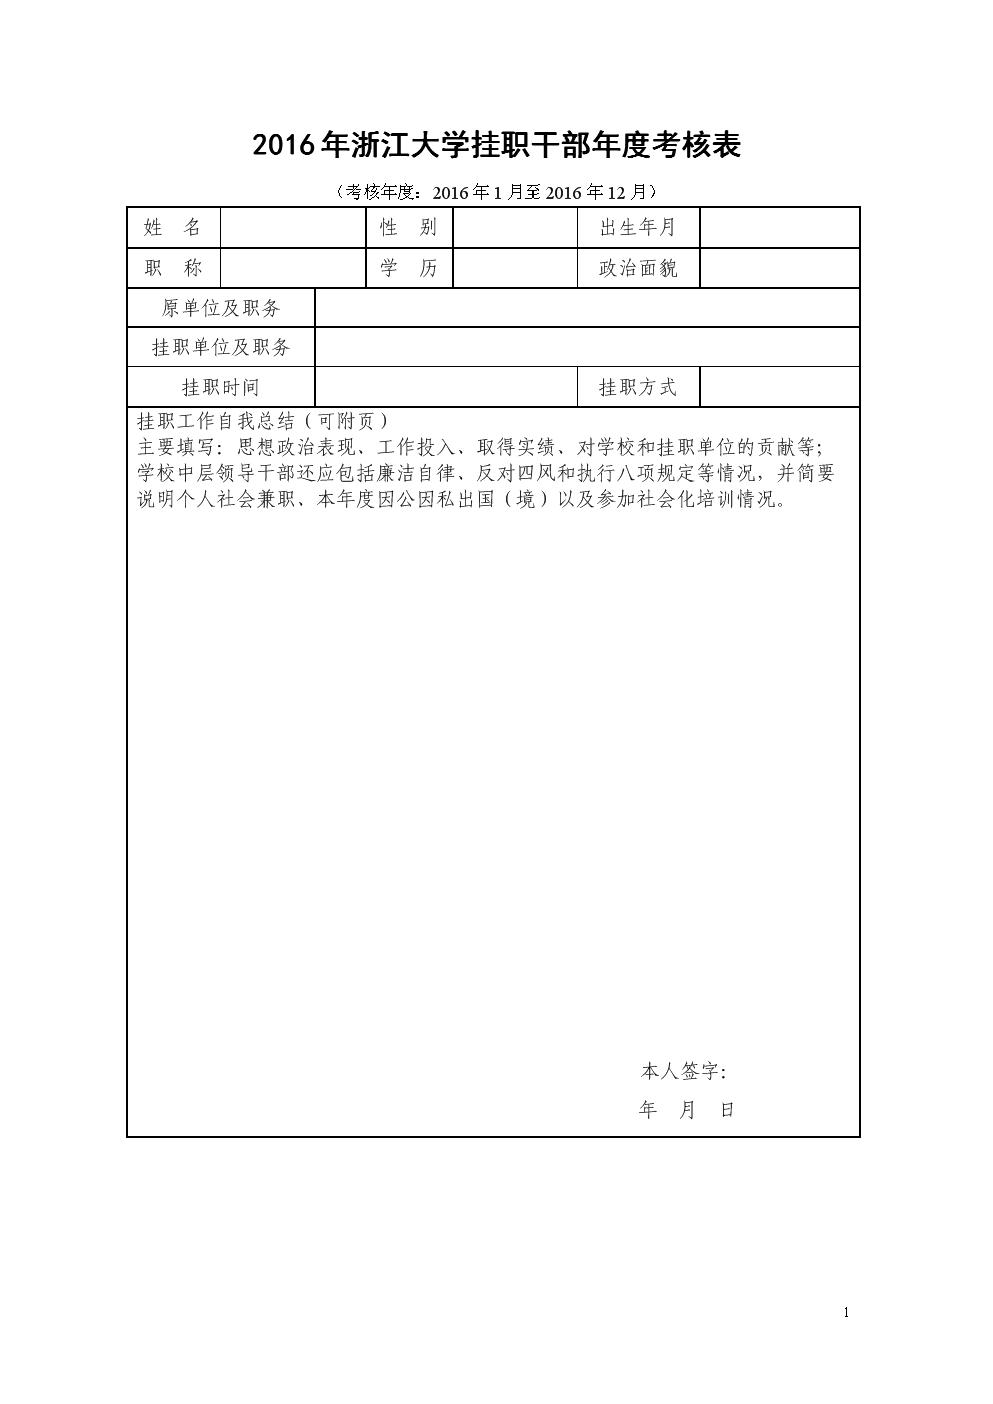 2016年浙江大學掛職干部考核表.DOC